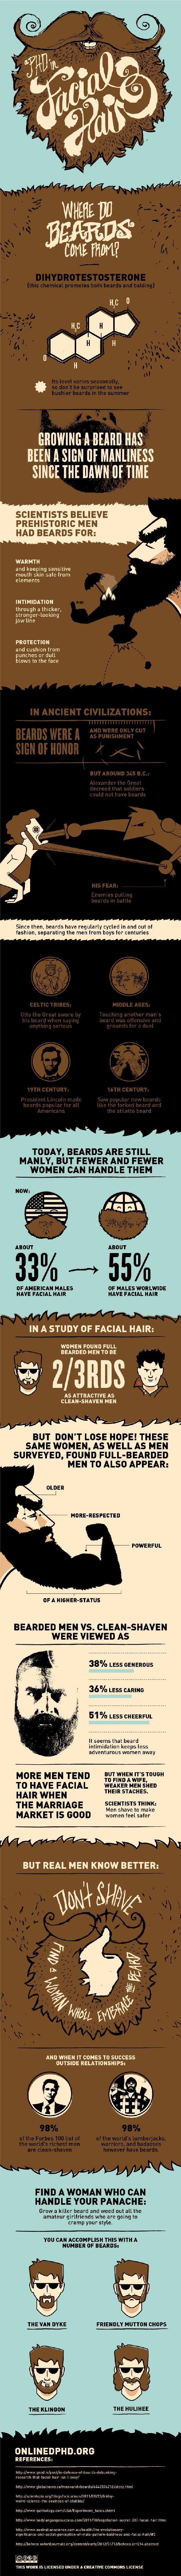 Beards-Facial-Hair-Stats-Infographic